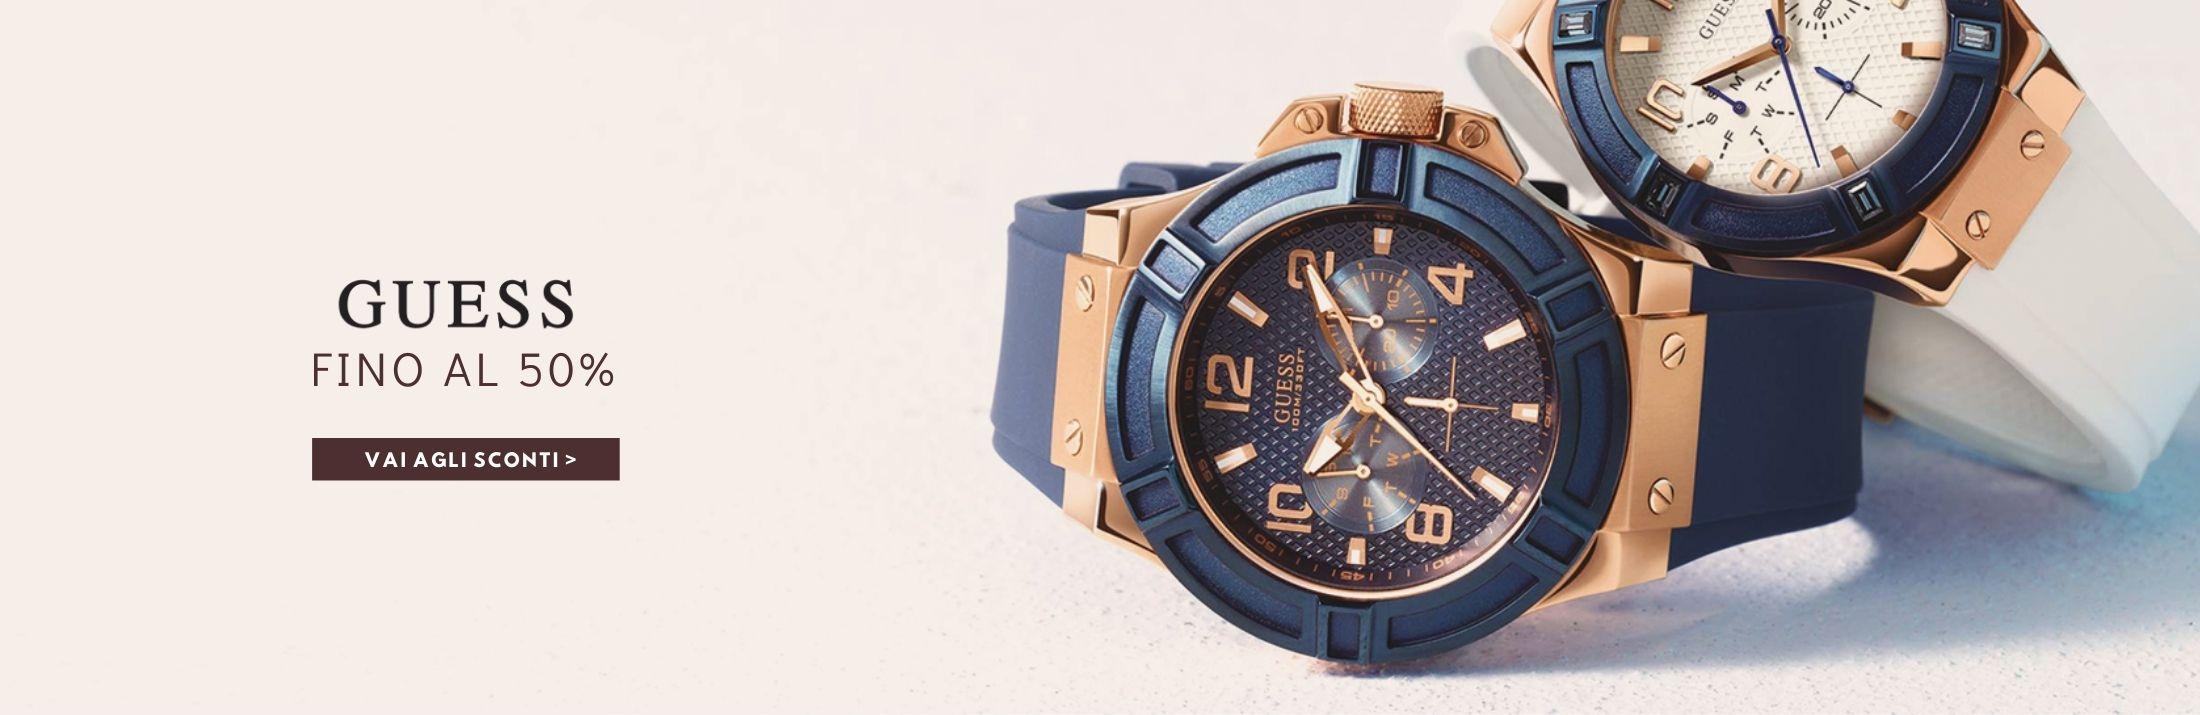 black friday sconti gioielleria ed orologi fino al 50% citta oro pompei, napoli, salerno gioielleria